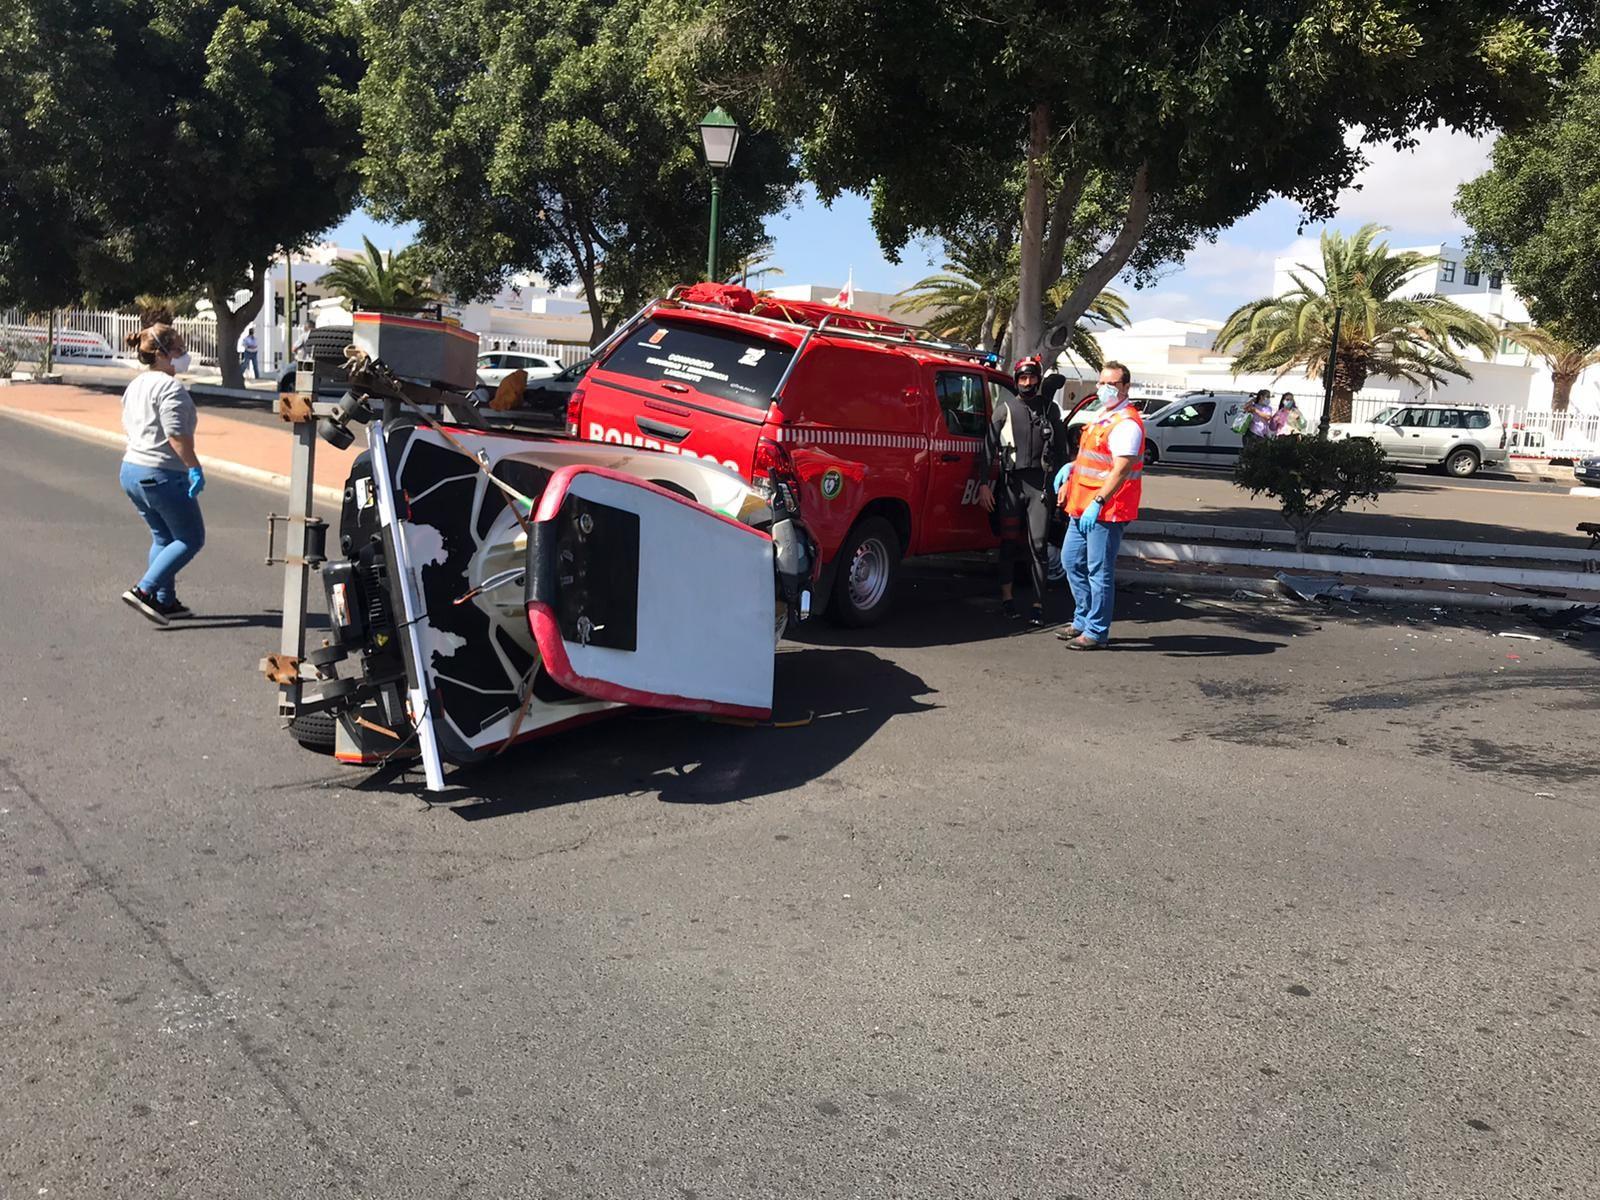 Un vehículo de los bomberos sufre un accidente en Arrecife cuando acudía a un rescate